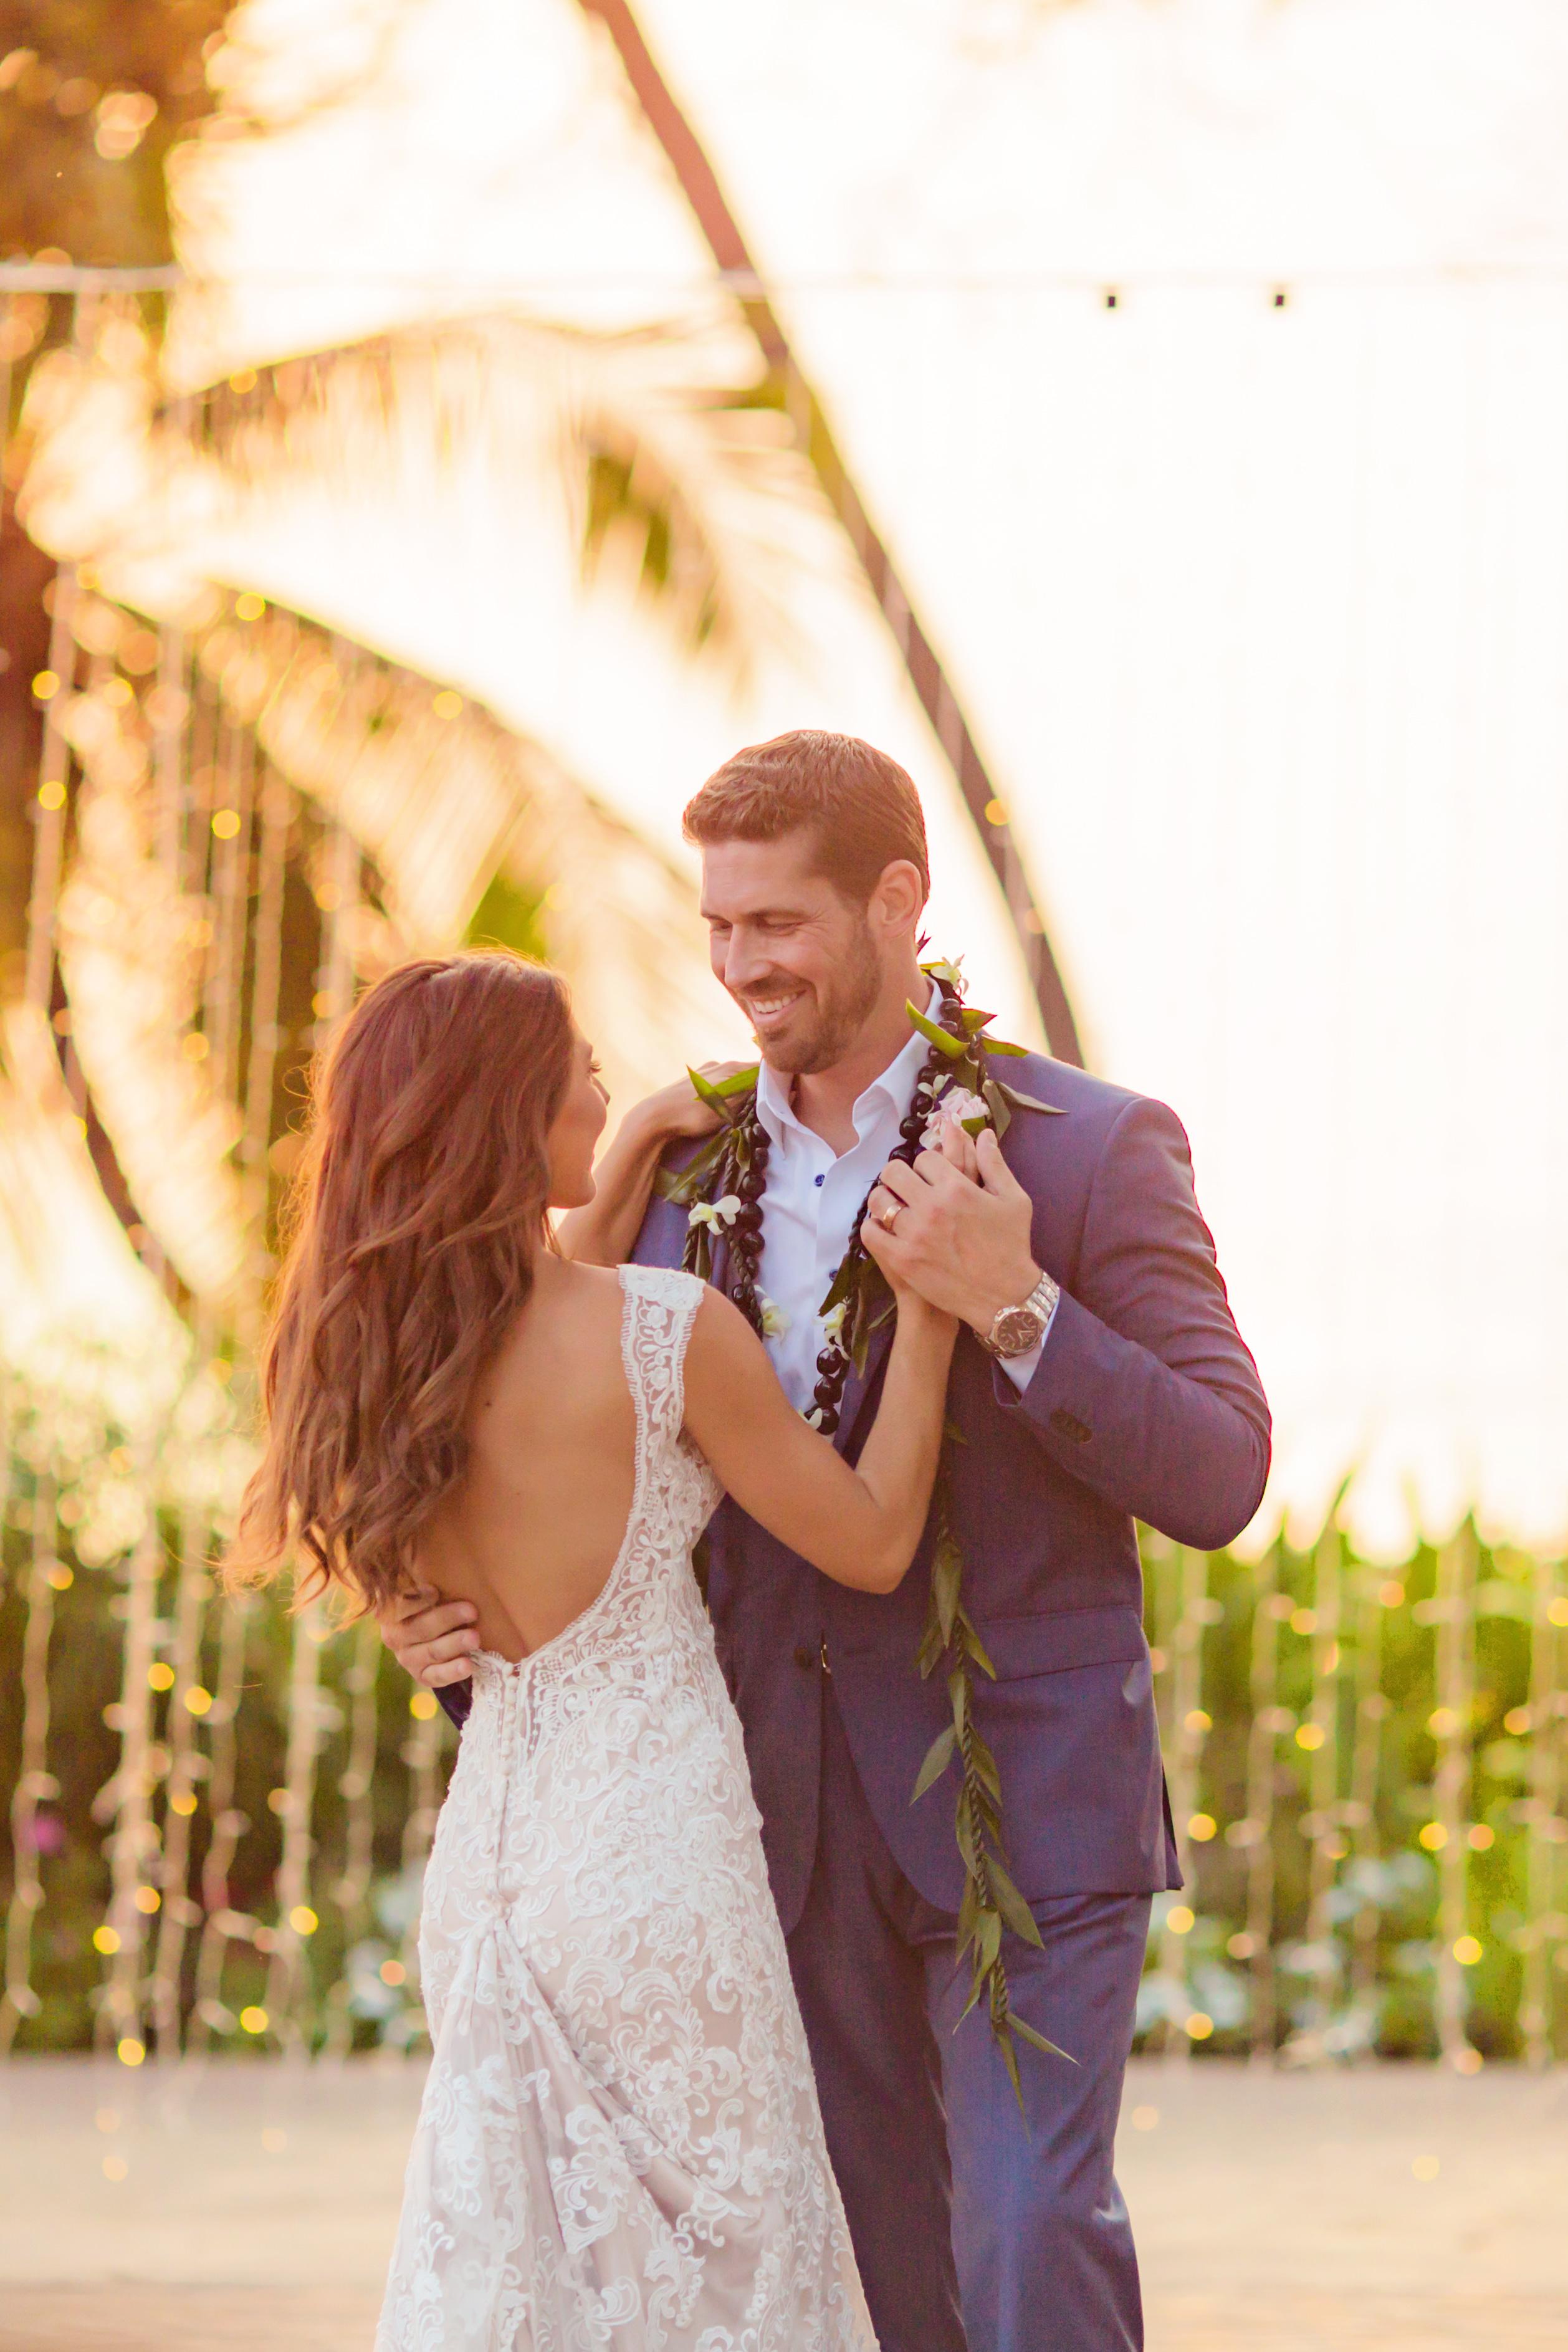 Maui Wedding Reception | Destination Wedding in Maui | Maui Wedding Planner | Maui's Angels blog